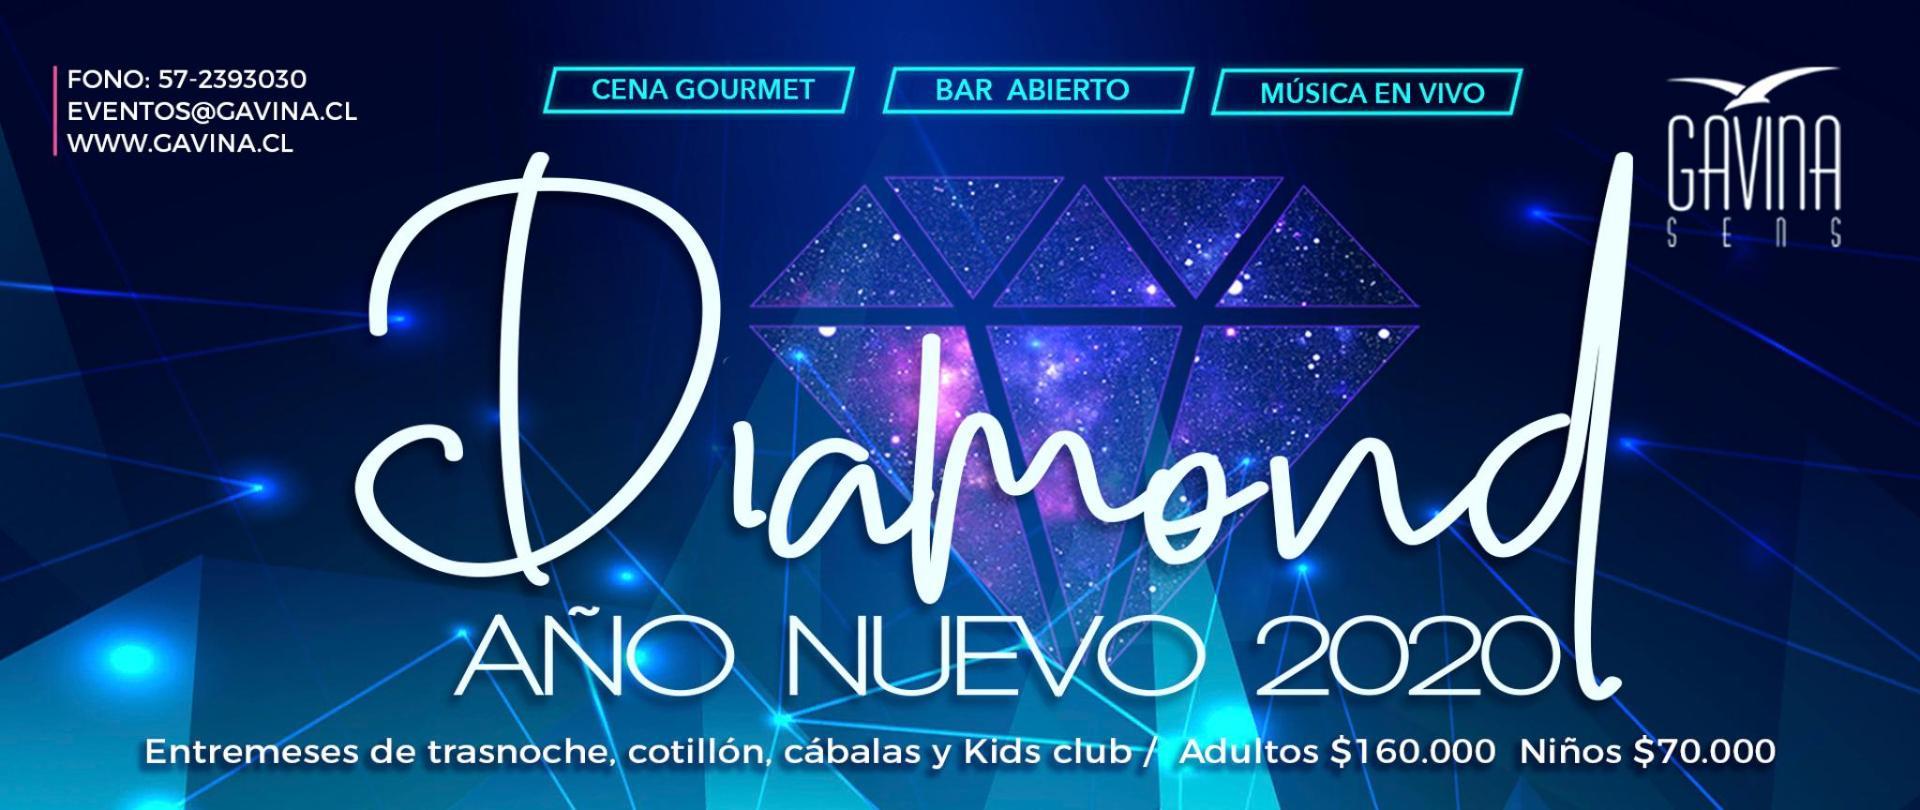 banner web AÑO NUEVO 2020.jpg